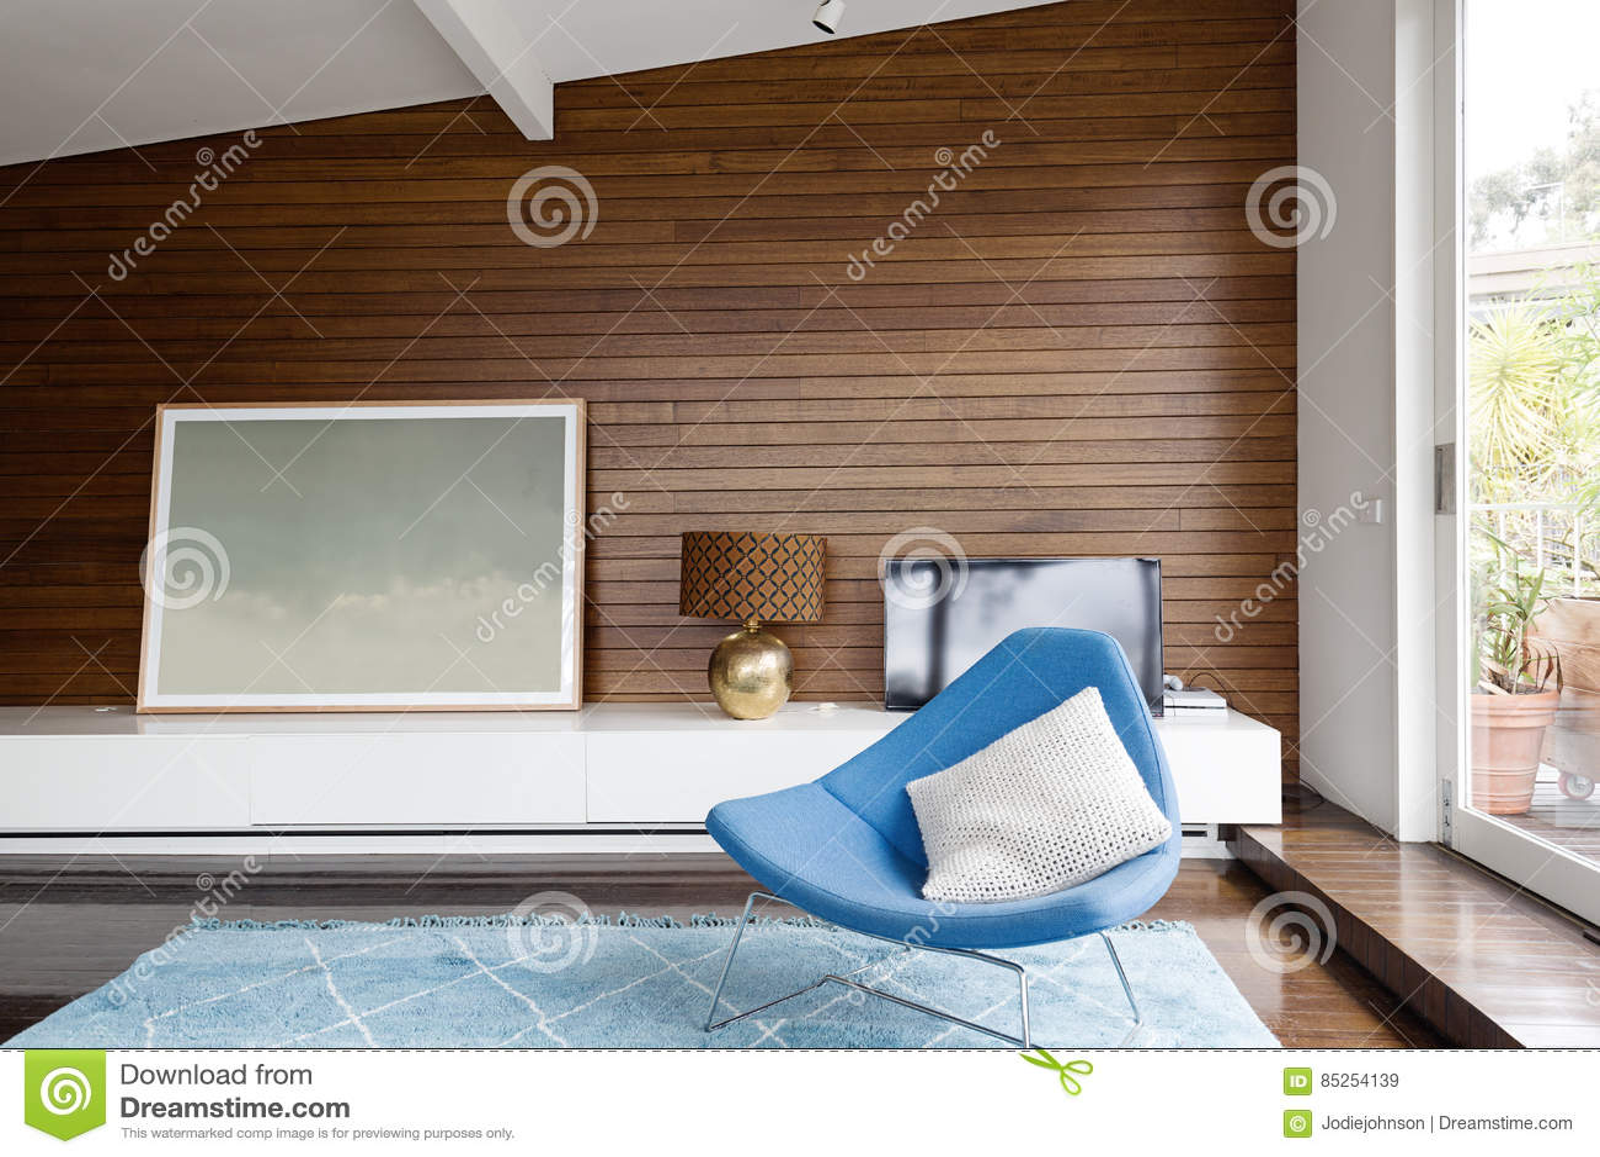 Horizontaler Hölzerner Panelling Im Mitte  Des Jahrhundertswohnzimmer